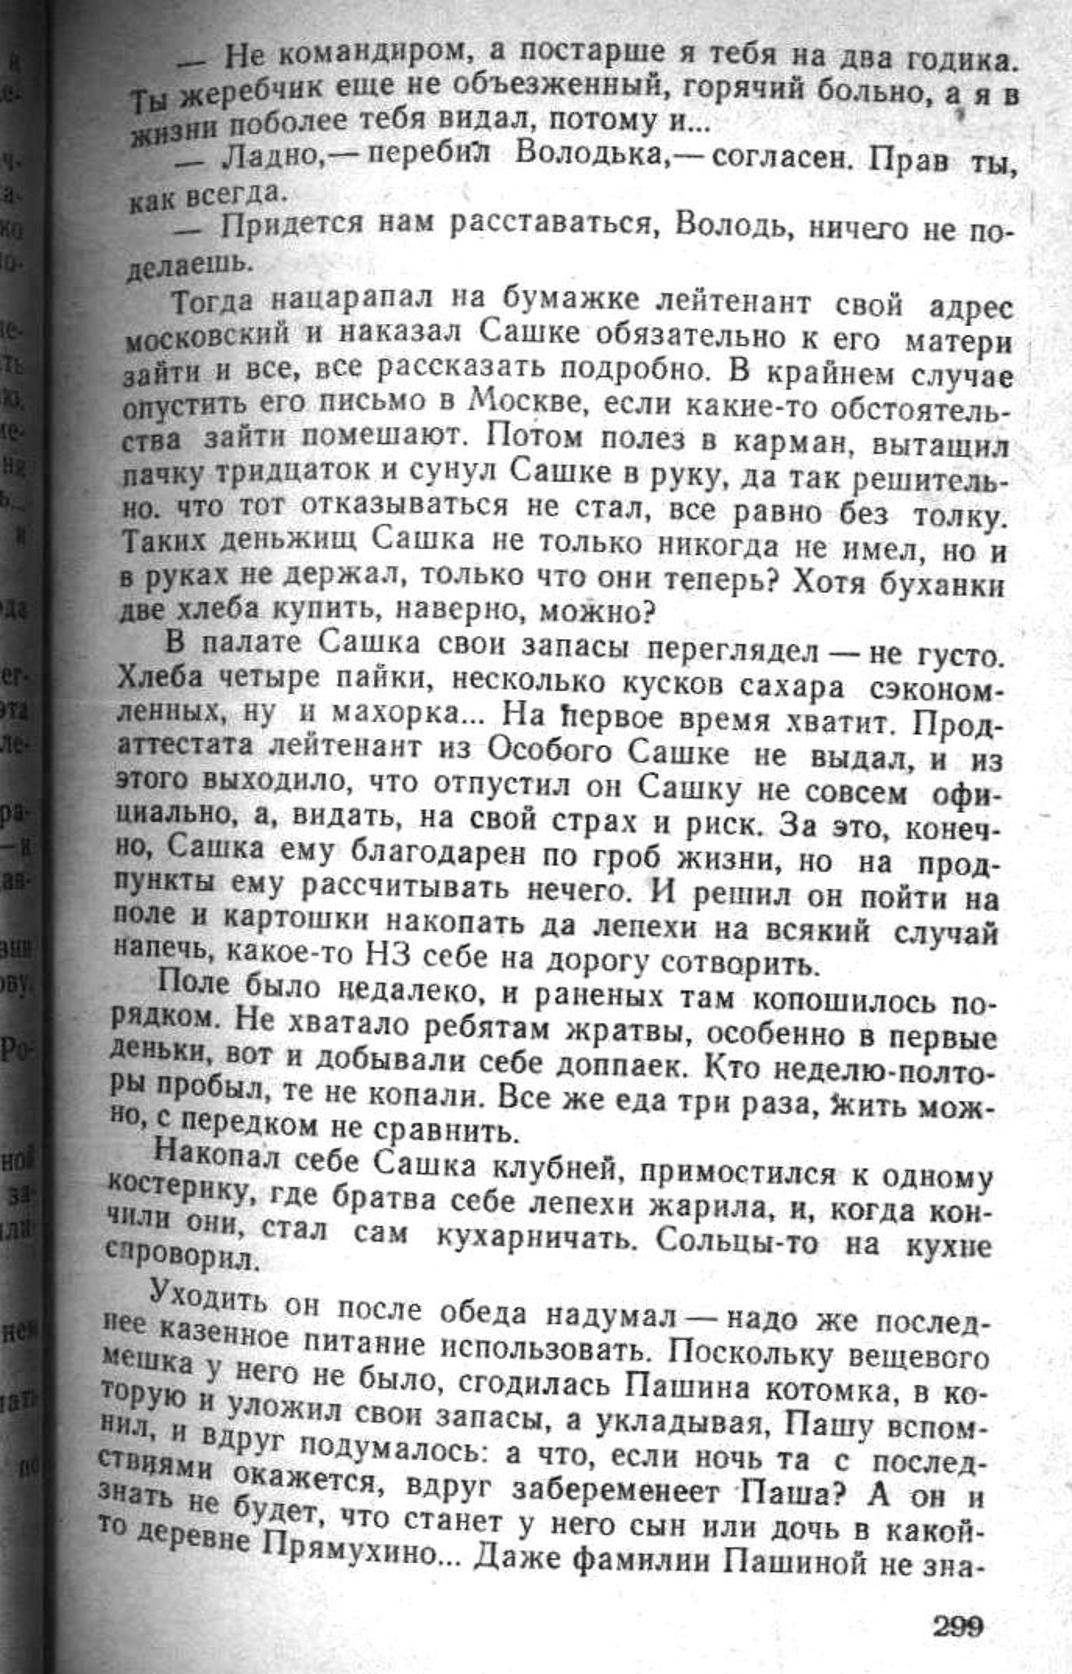 Сашка. Повесть. Вячеслав Кондратьев. 019. 002